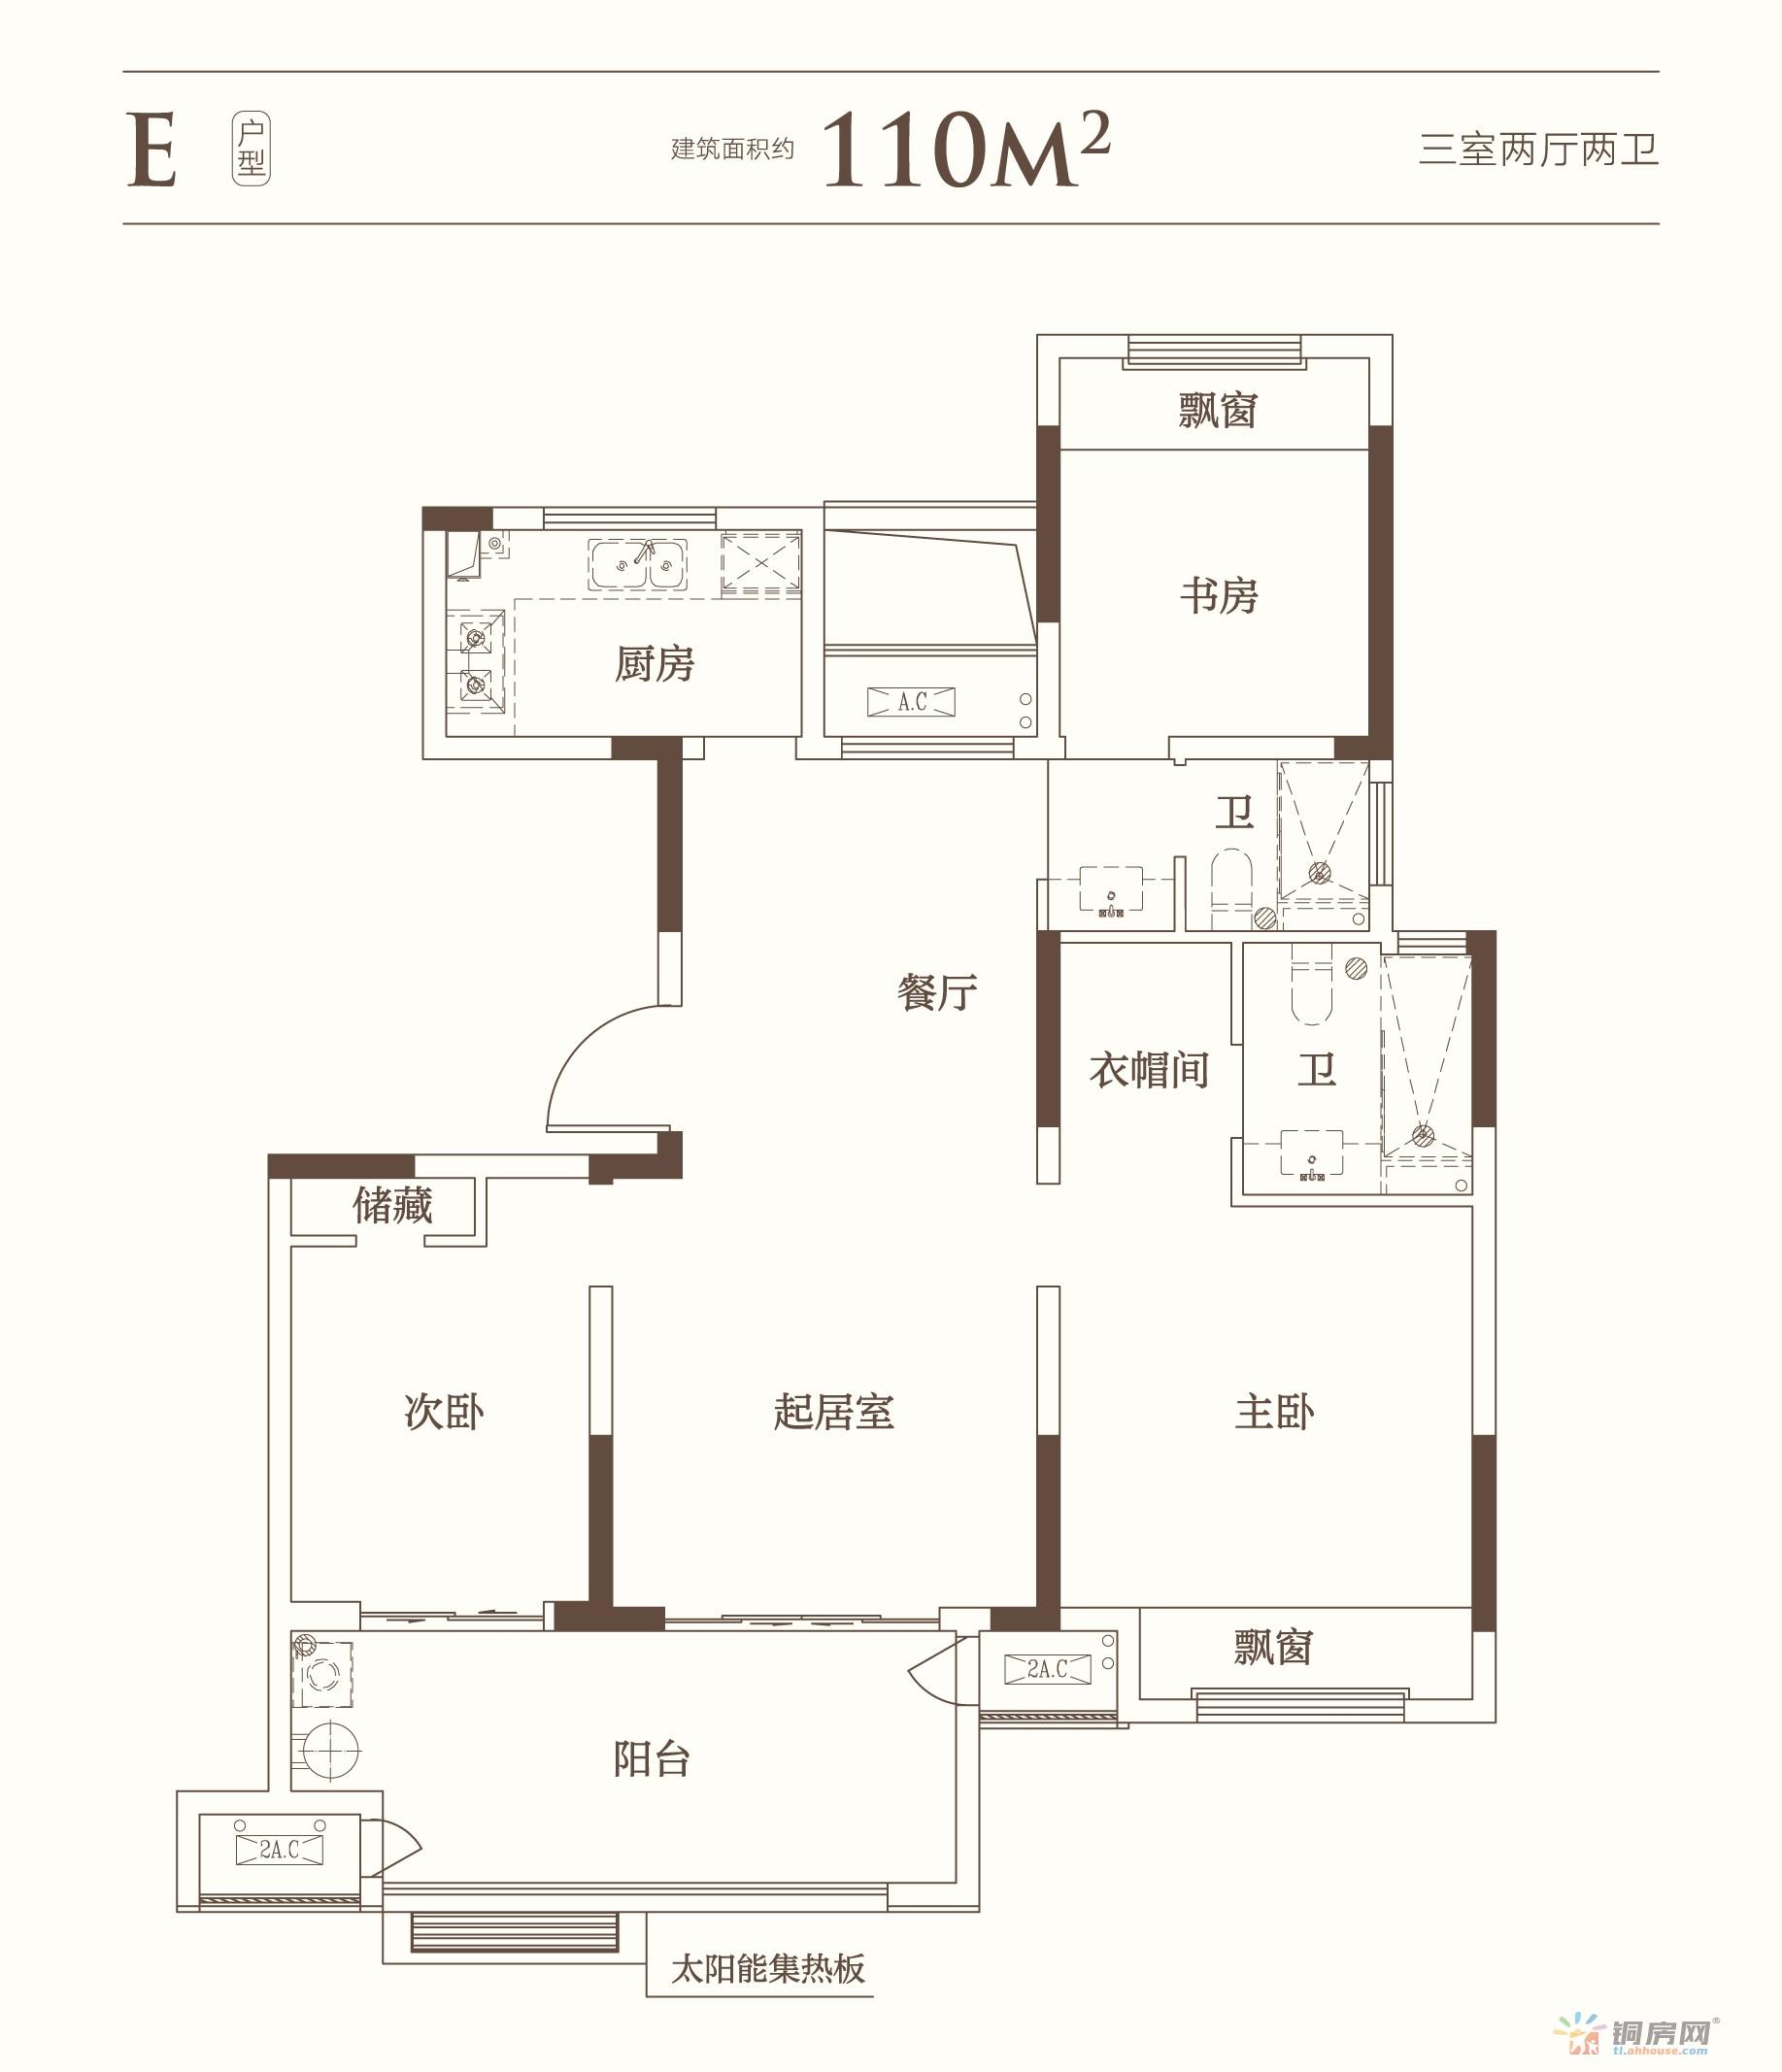 铜陵吾悦广场_3室2厅2卫1厨